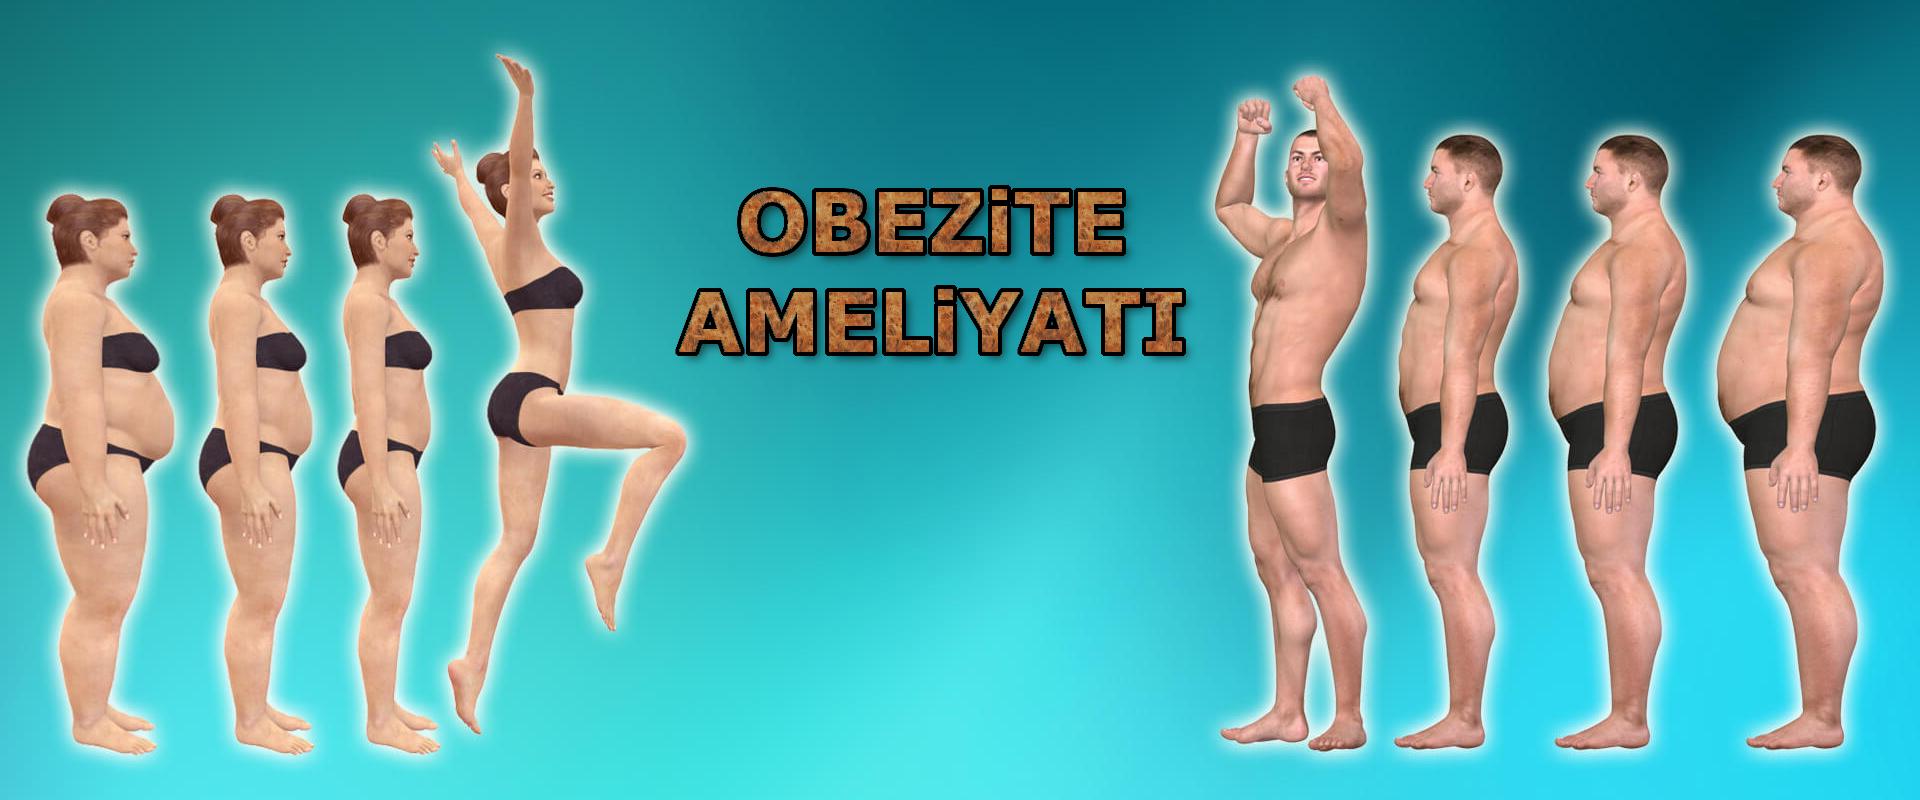 Obezite Ameliyatı